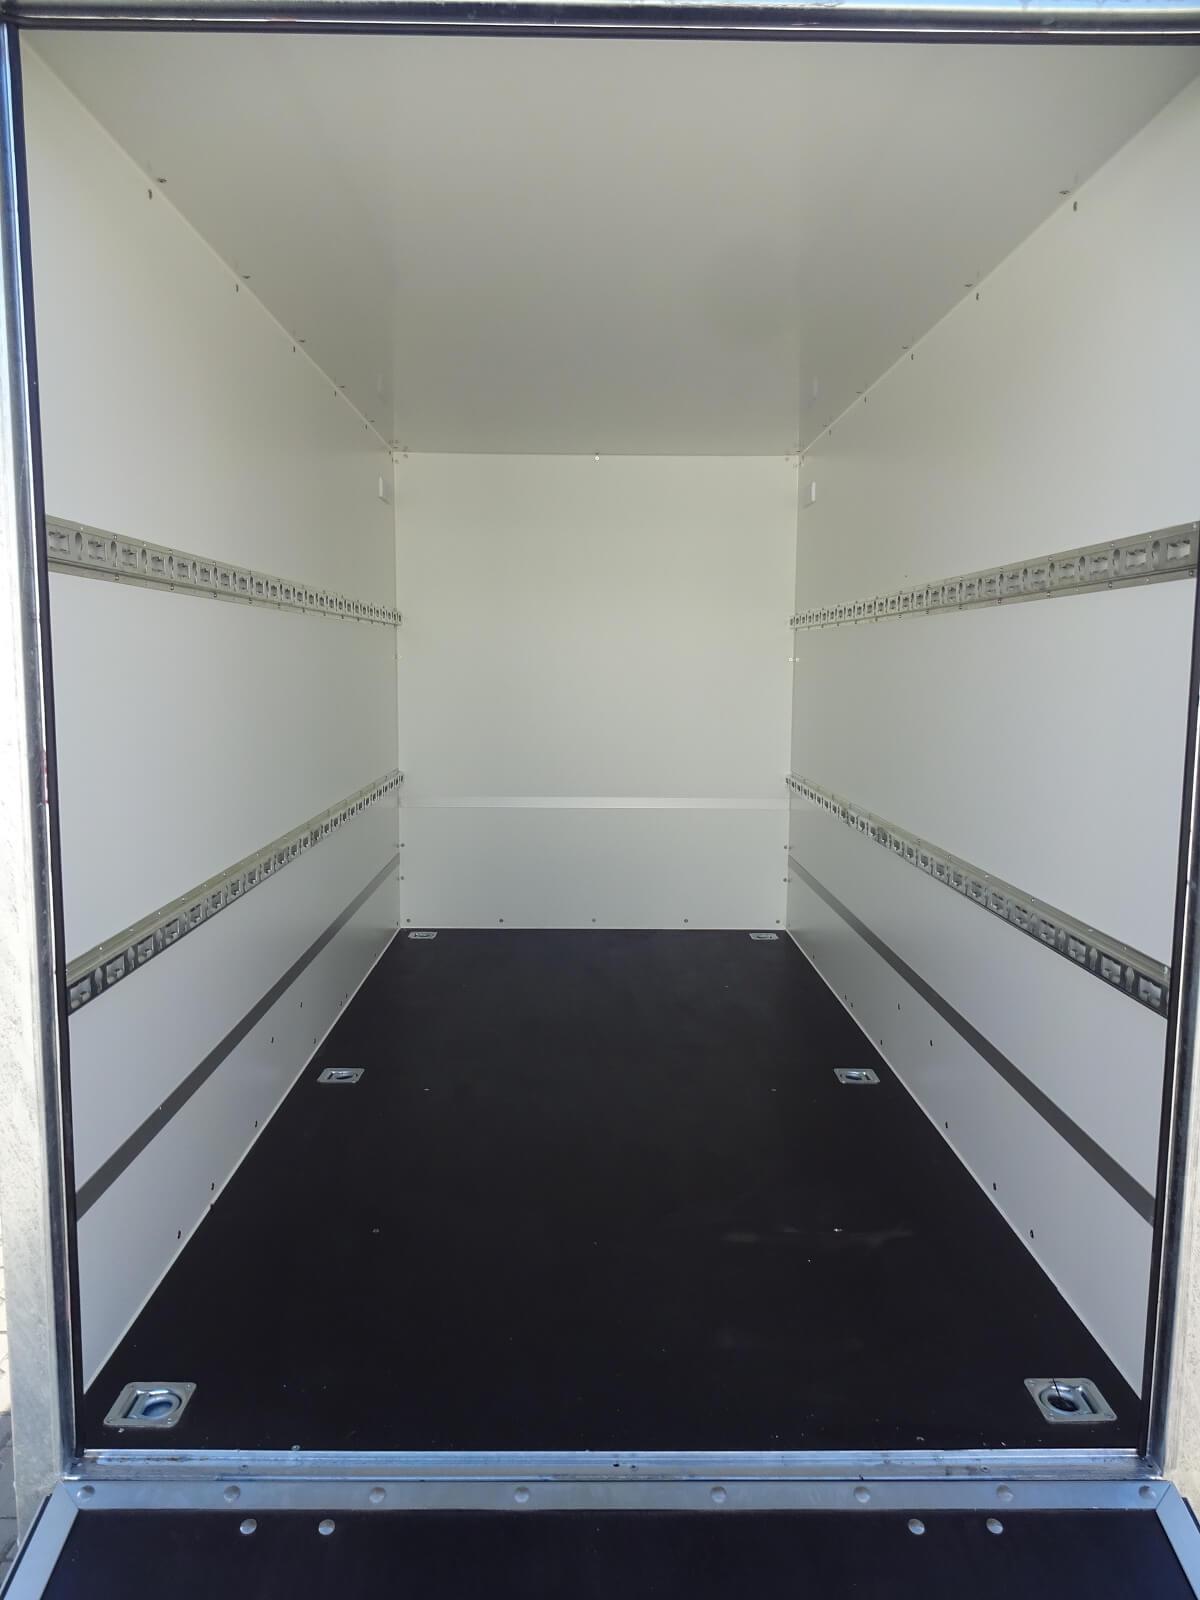 Kofferanhänger 3,05x1,46x1,80m 1300kg Auffahrklappe